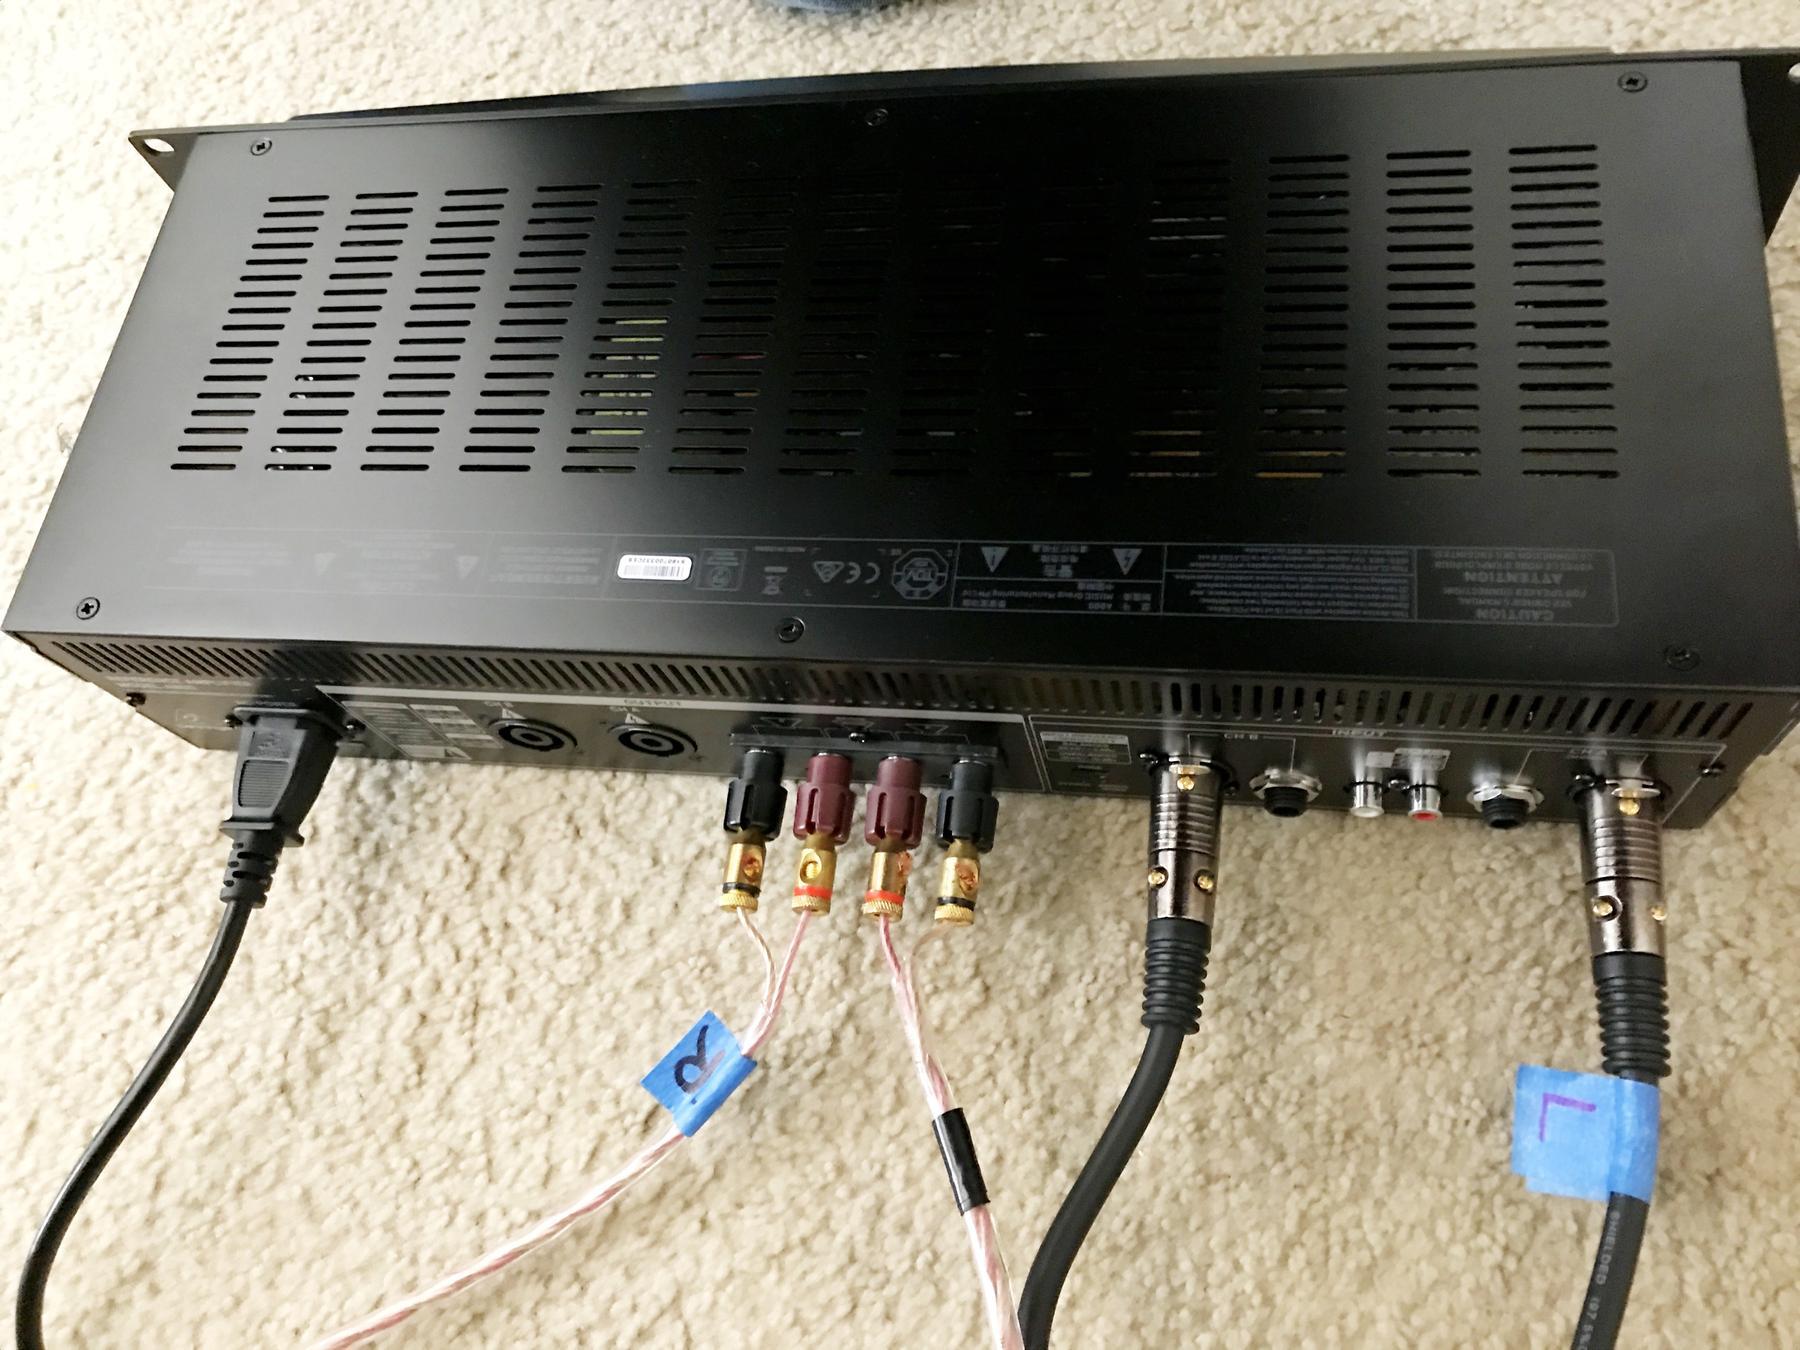 Behringer A800 (2x400W o 1x800W in classe D) - Pagina 12 B45B8D93A525B60B1C6B68891A68C218.app1_1554295942003-1_L1800